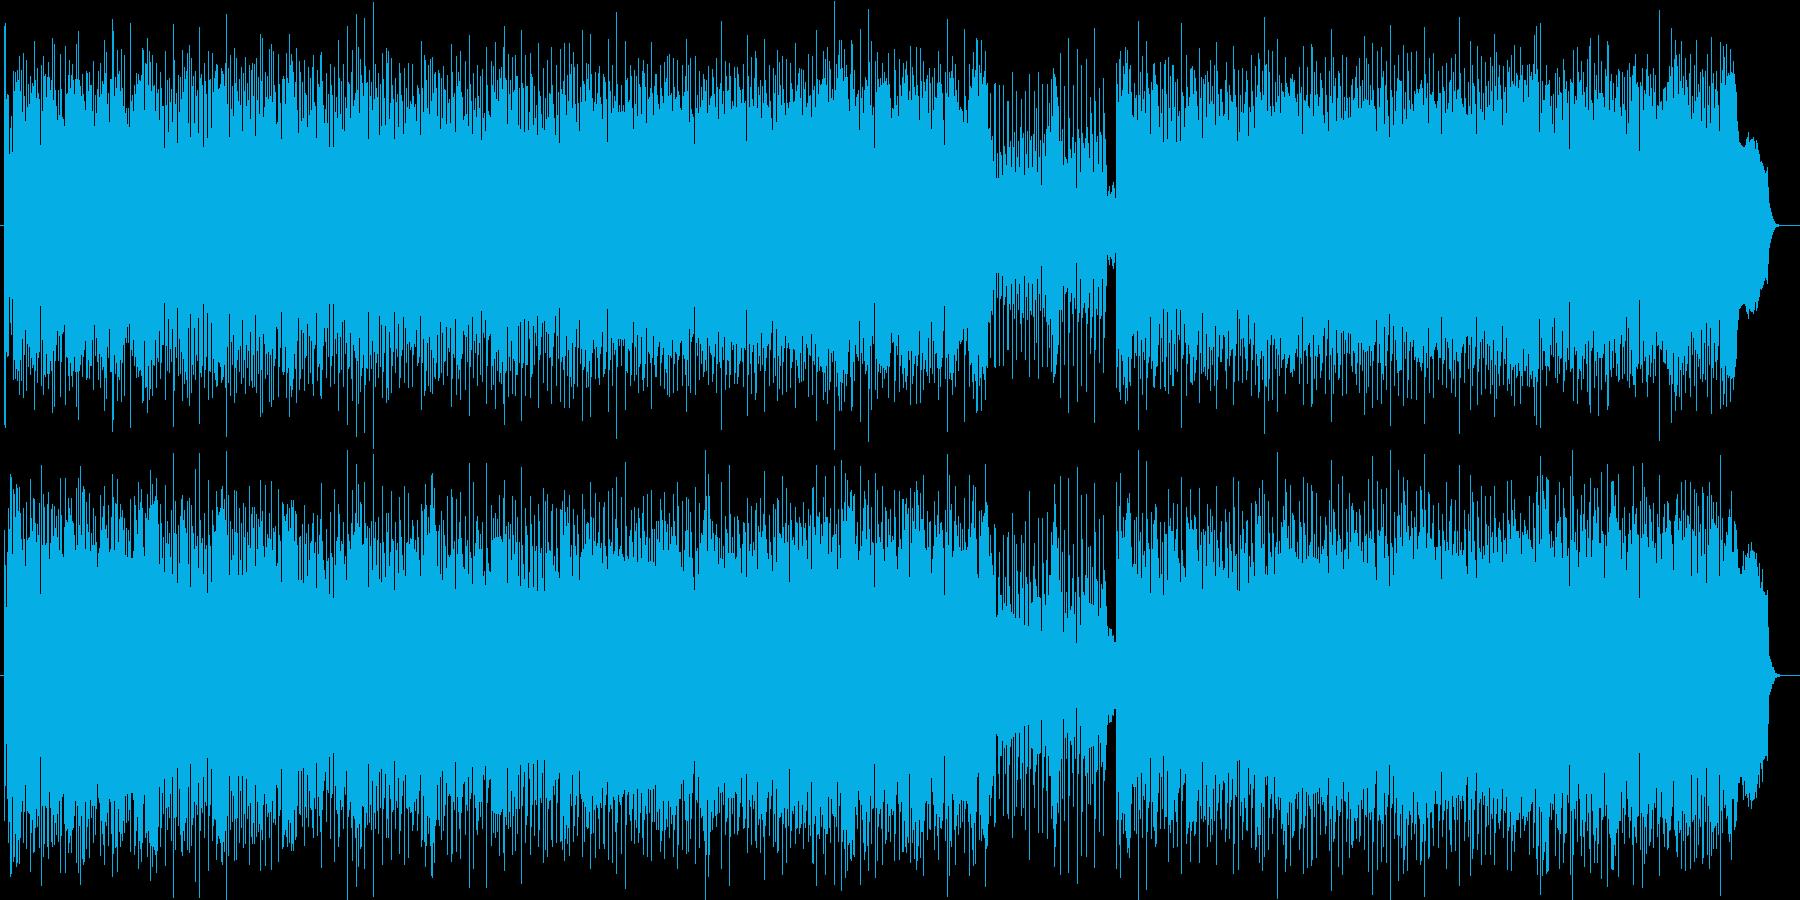 ドラマティックなシンセサイザーサウンドの再生済みの波形